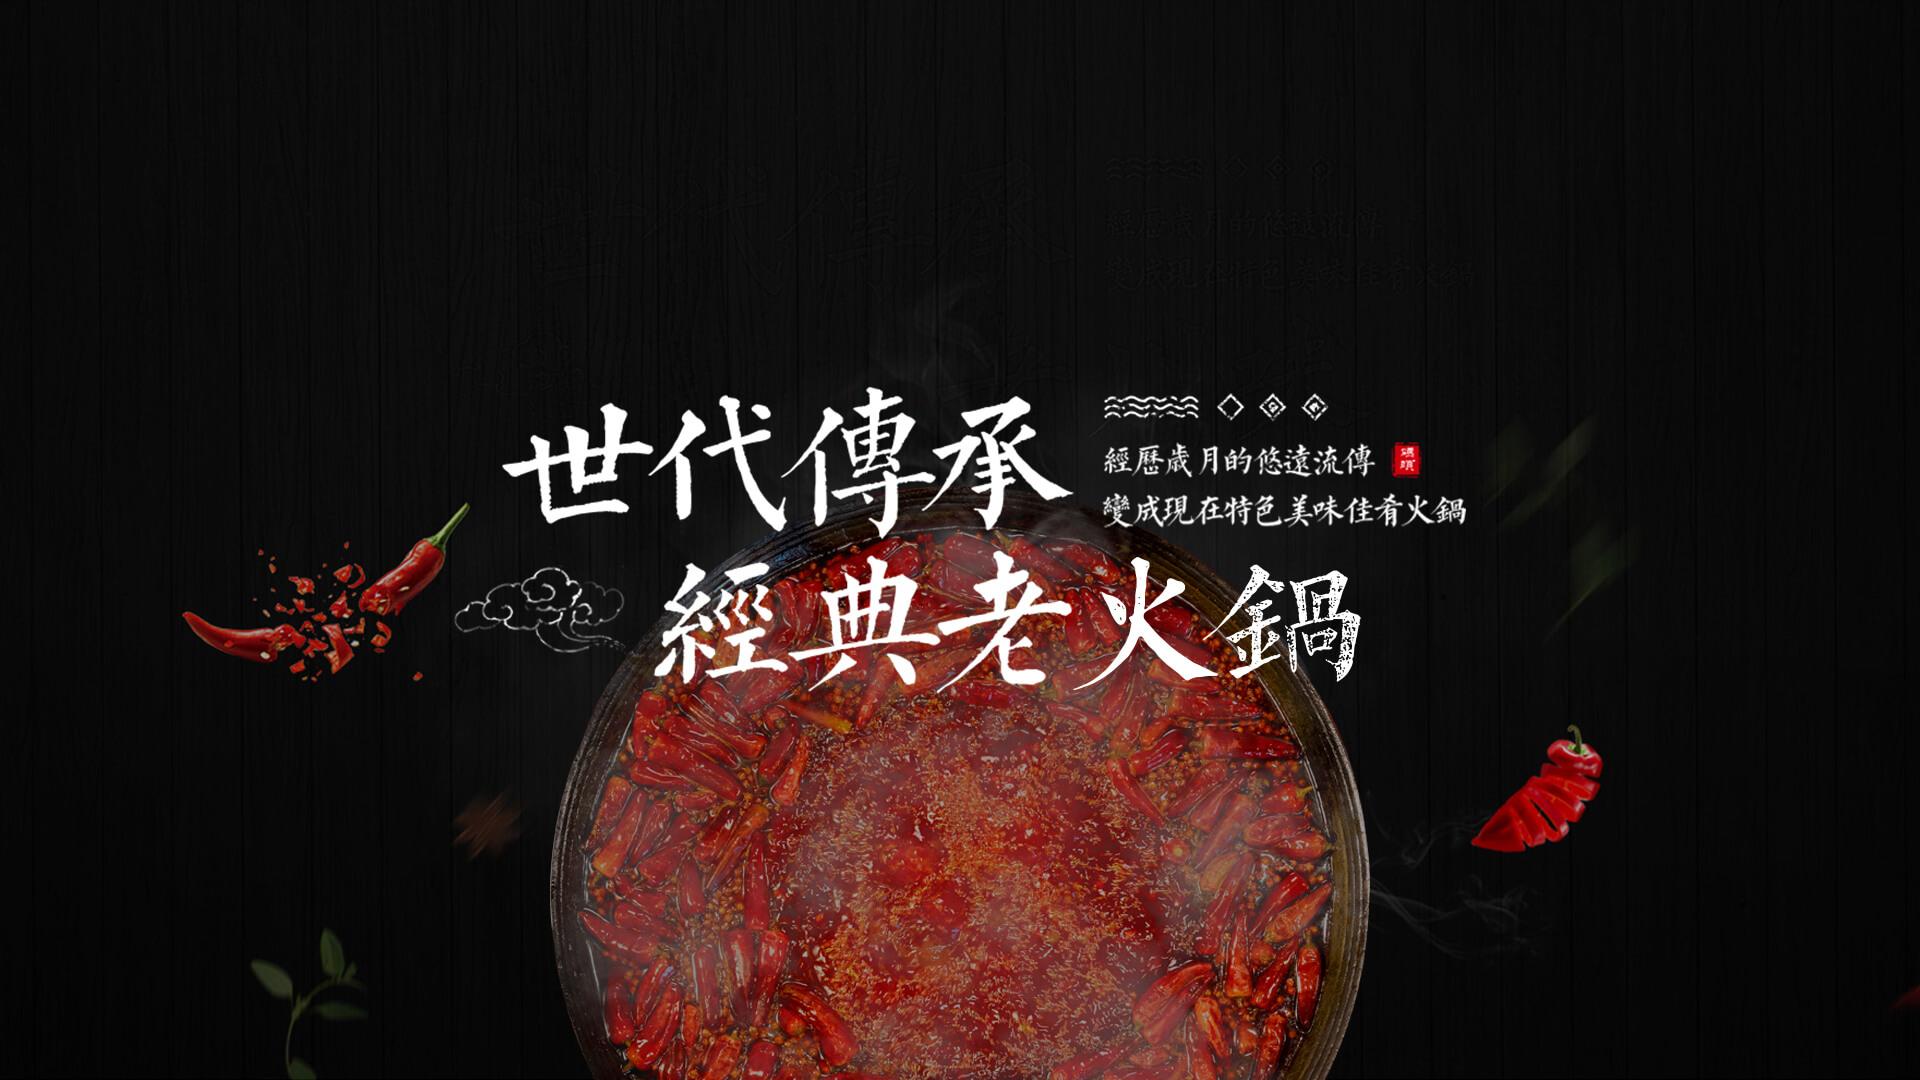 重庆精致老火锅排名